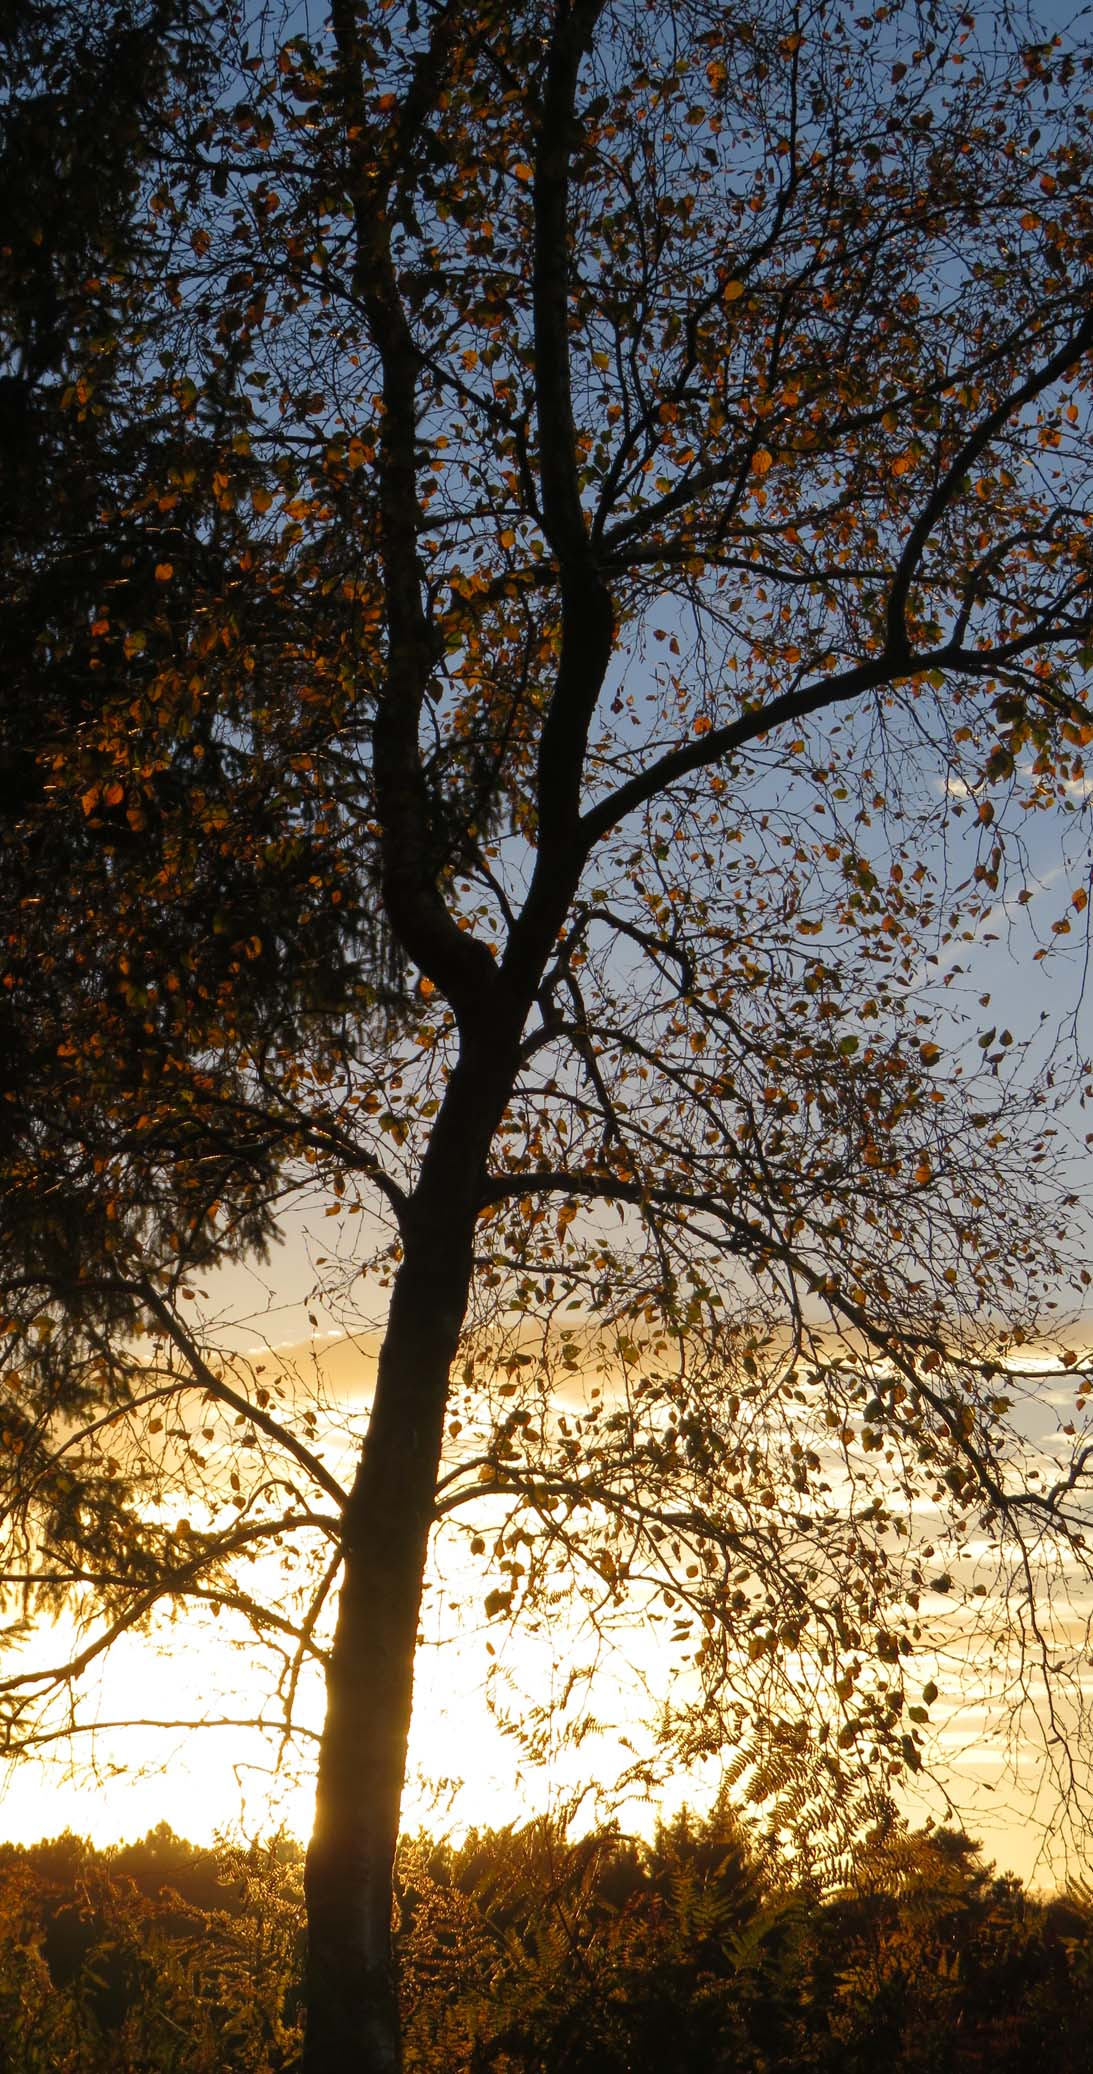 colloque nov 2016 et automne 052pm.jpg